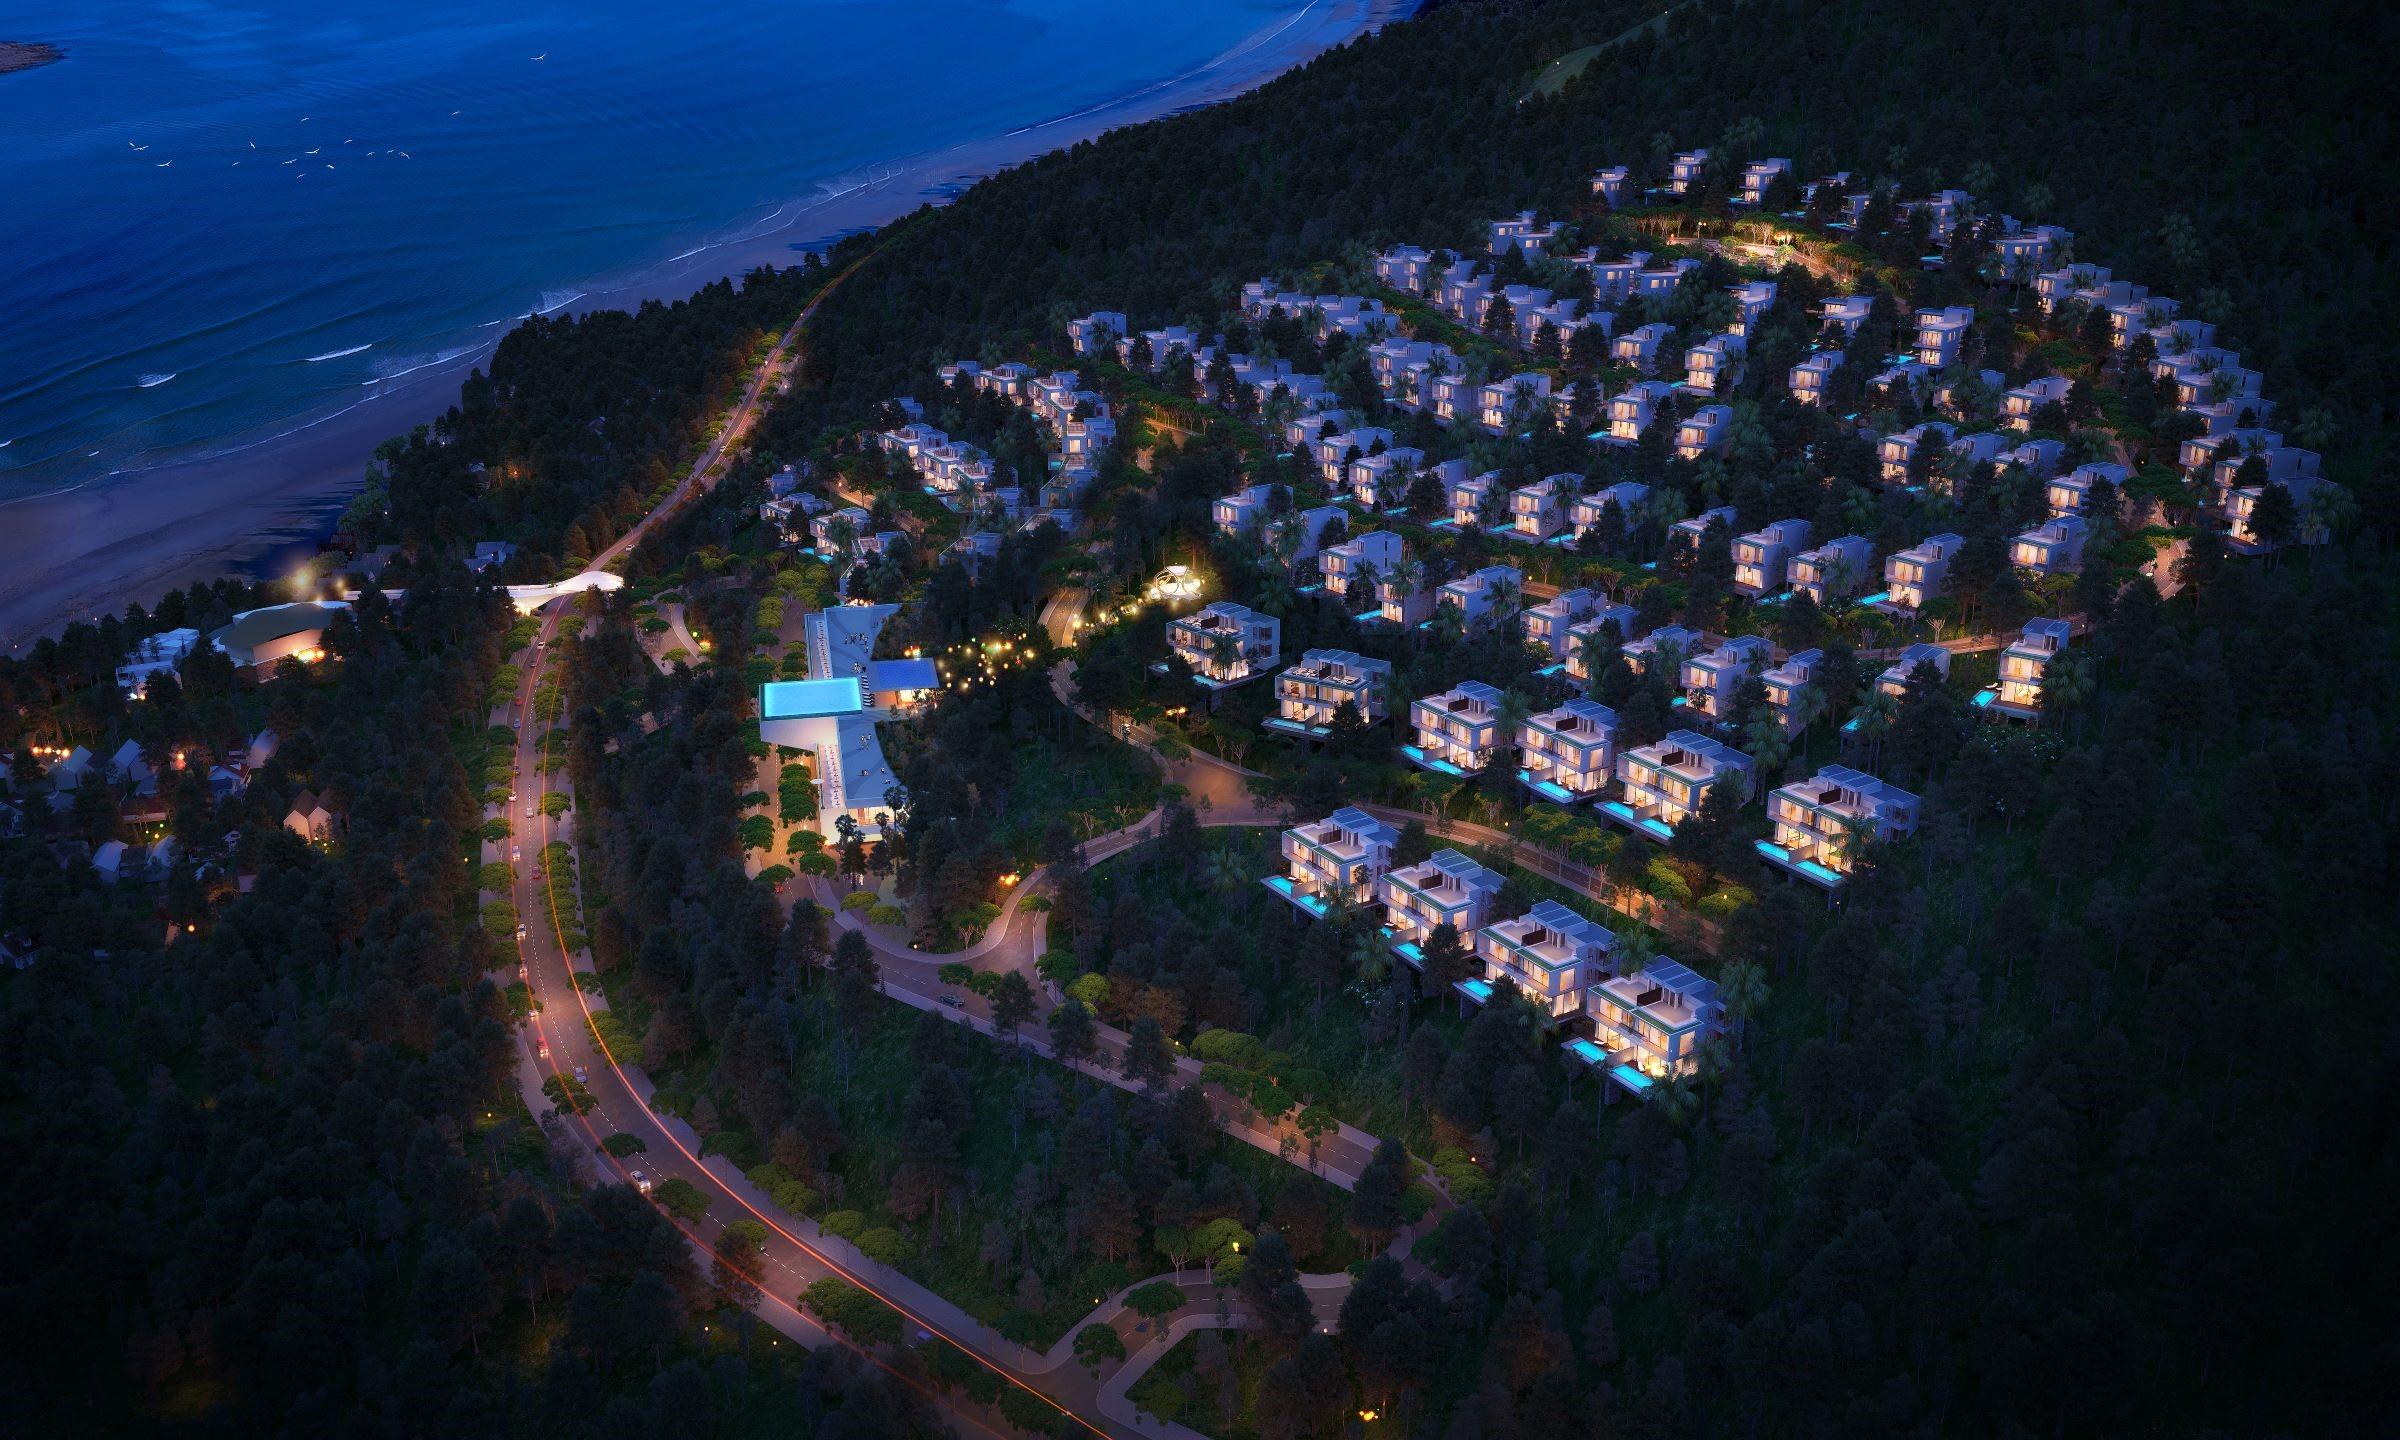 Phân khúc du lịch nghỉ dưỡng cao cấp tại Quy Nhơn còn nhiều dư địa phát triển. Ảnh phối cảnh dự án Casa Marina Premium Quy Nhơn.